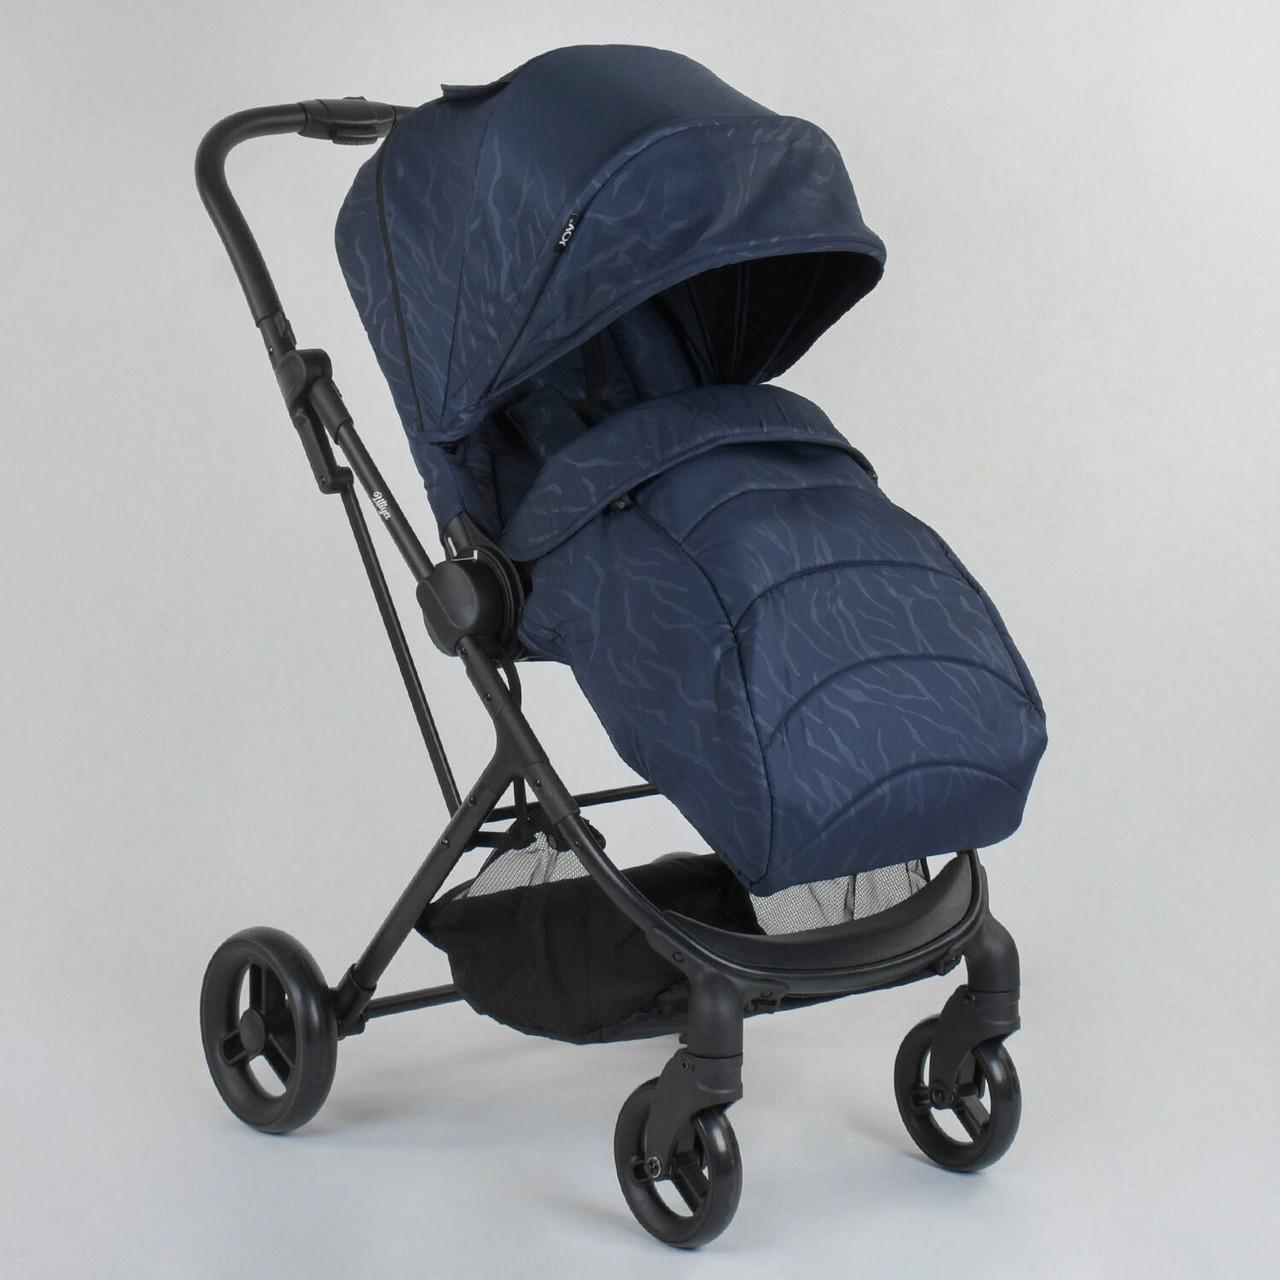 Прогулочная детская коляска со съемным сиденьем и чехлом на ножки JOY Liliya 66916 Синий, футкавер